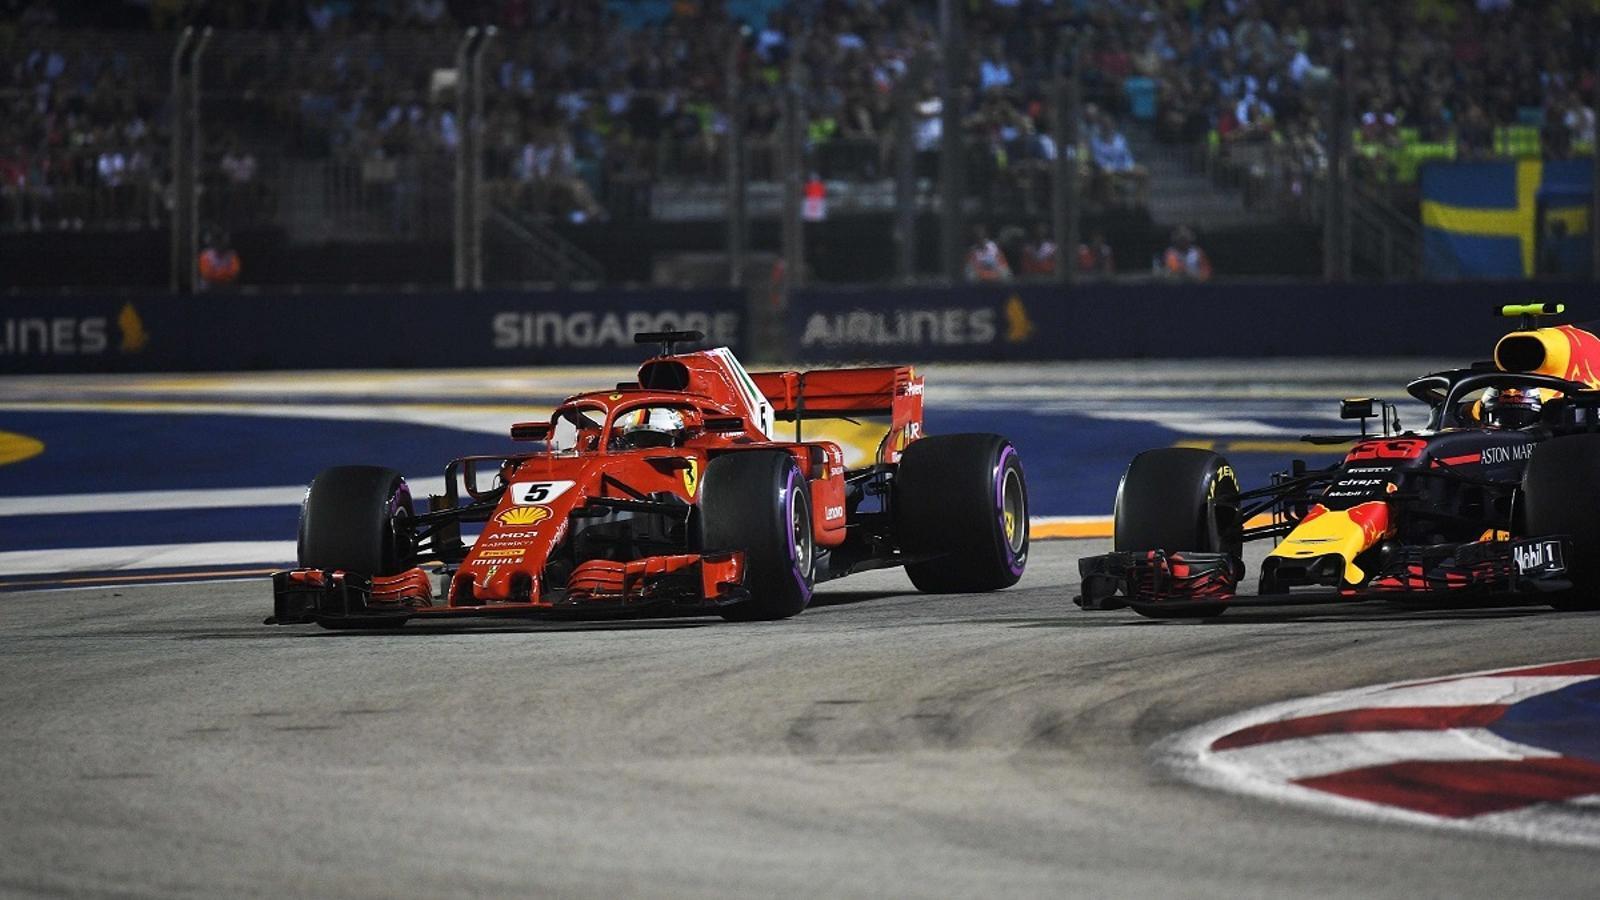 Vettel, en el moment d'avançar Verstappen a l'inici del GP de Singapur